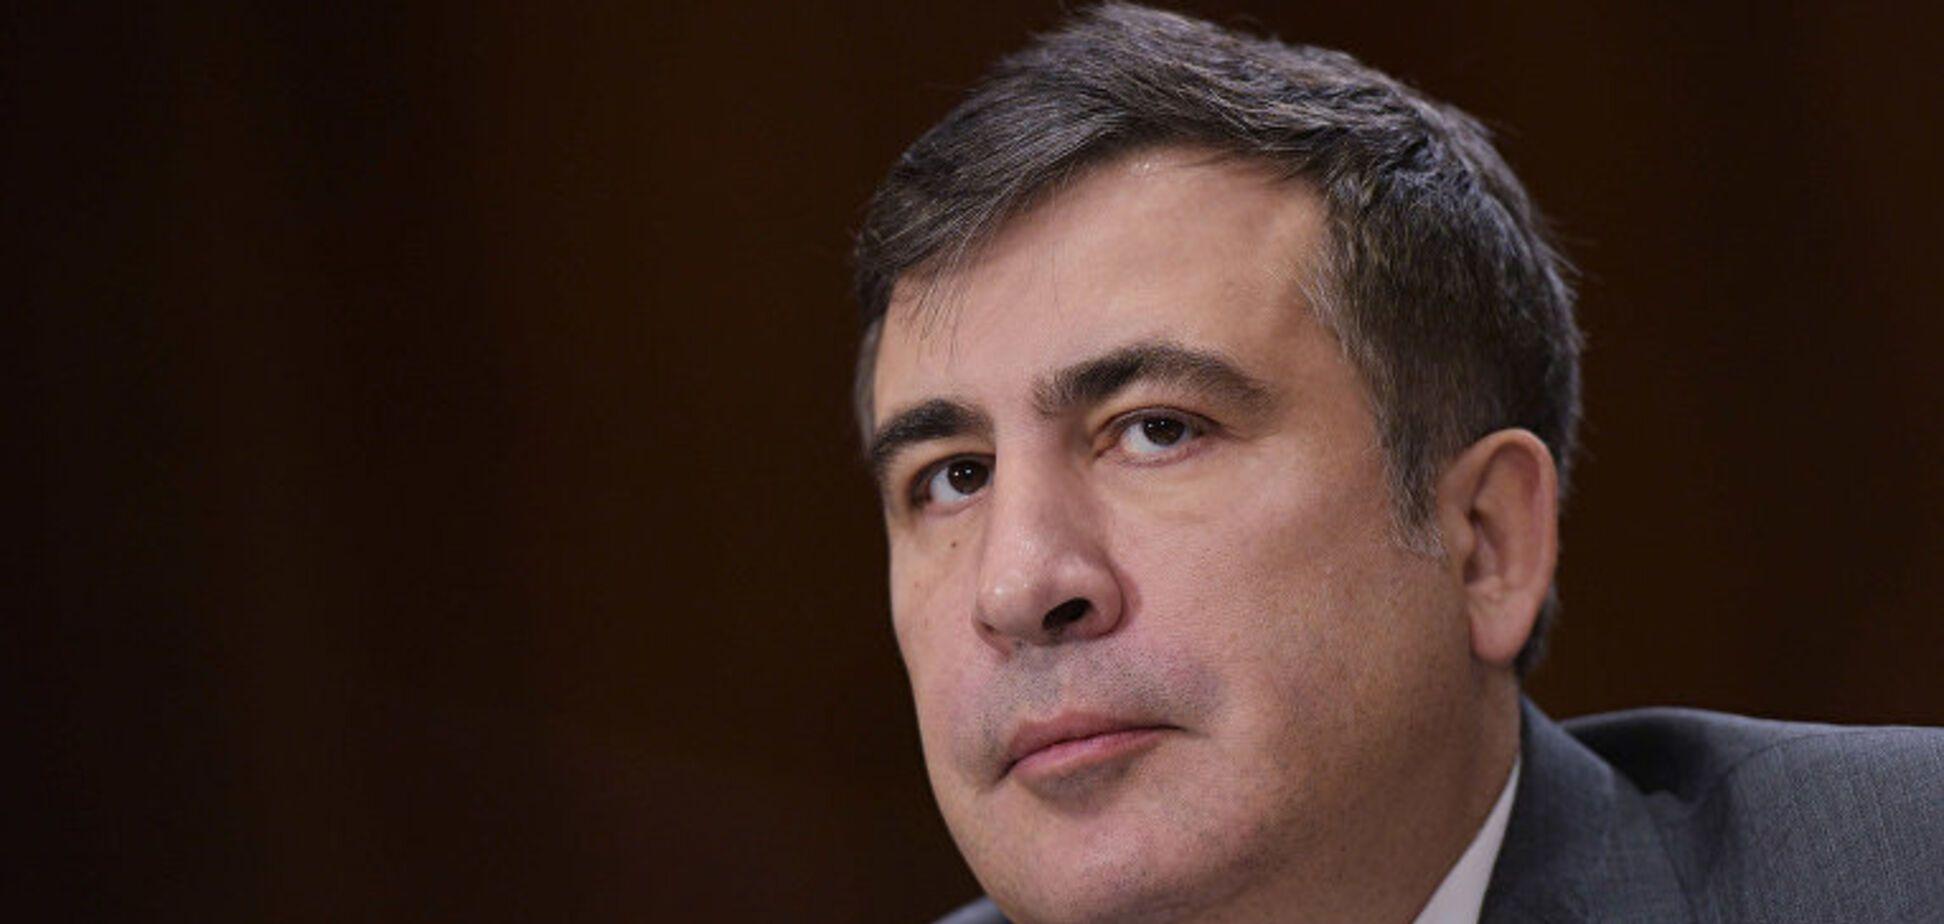 У политика Саакашвили нет друзей и товарищей. Ему нужны только рабы или сектанты